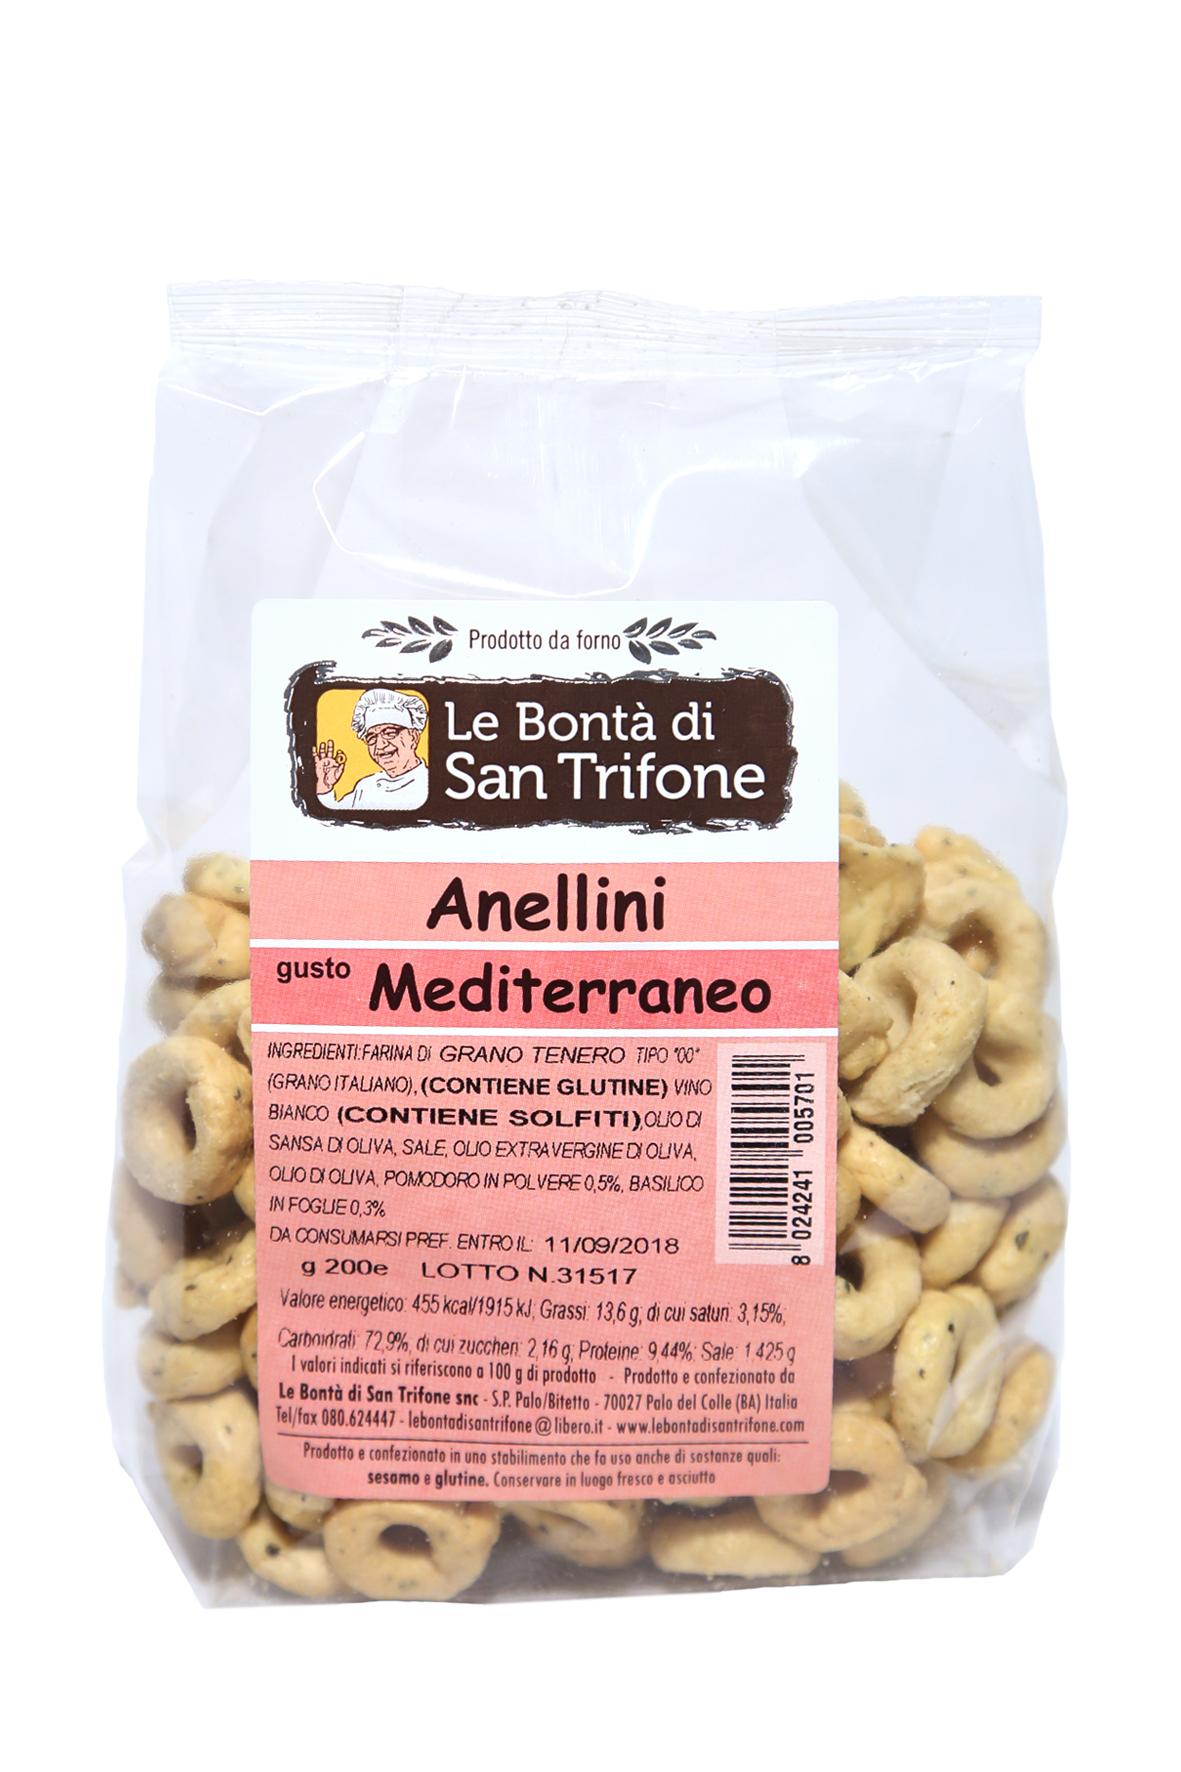 Anellini (gusto mediterraneo)